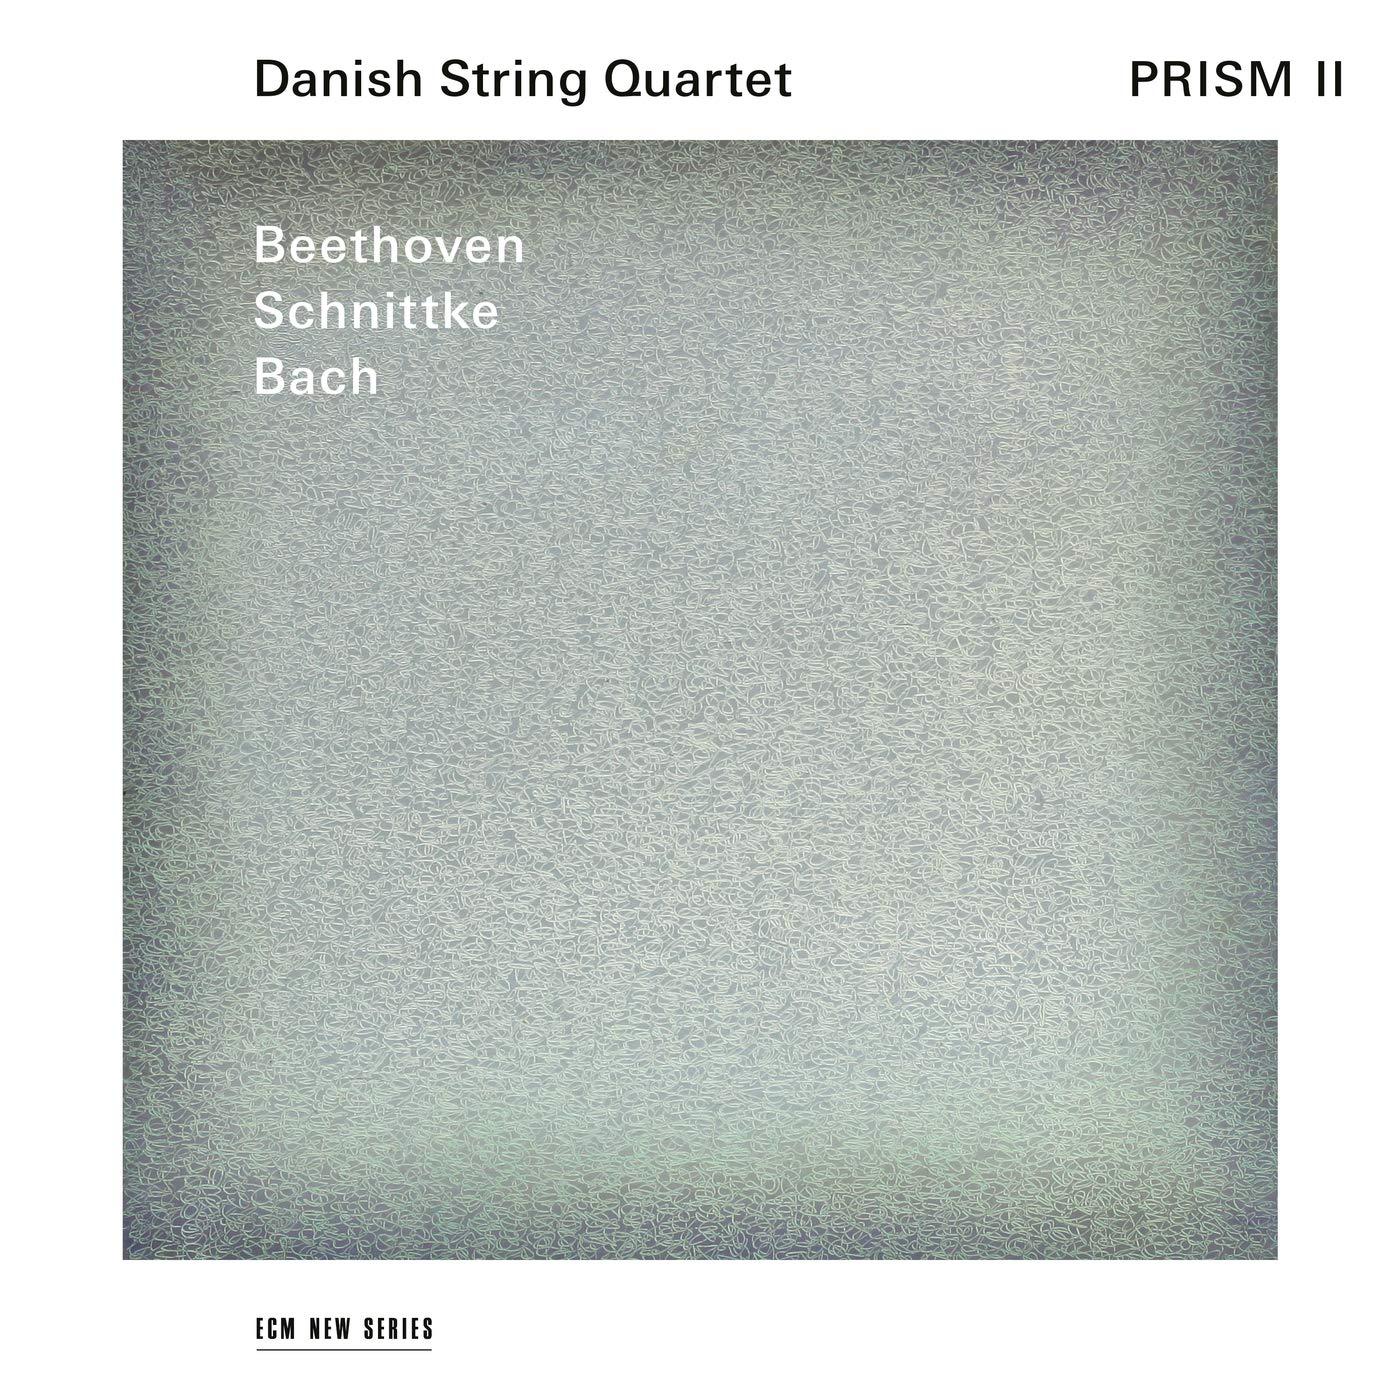 Prism II